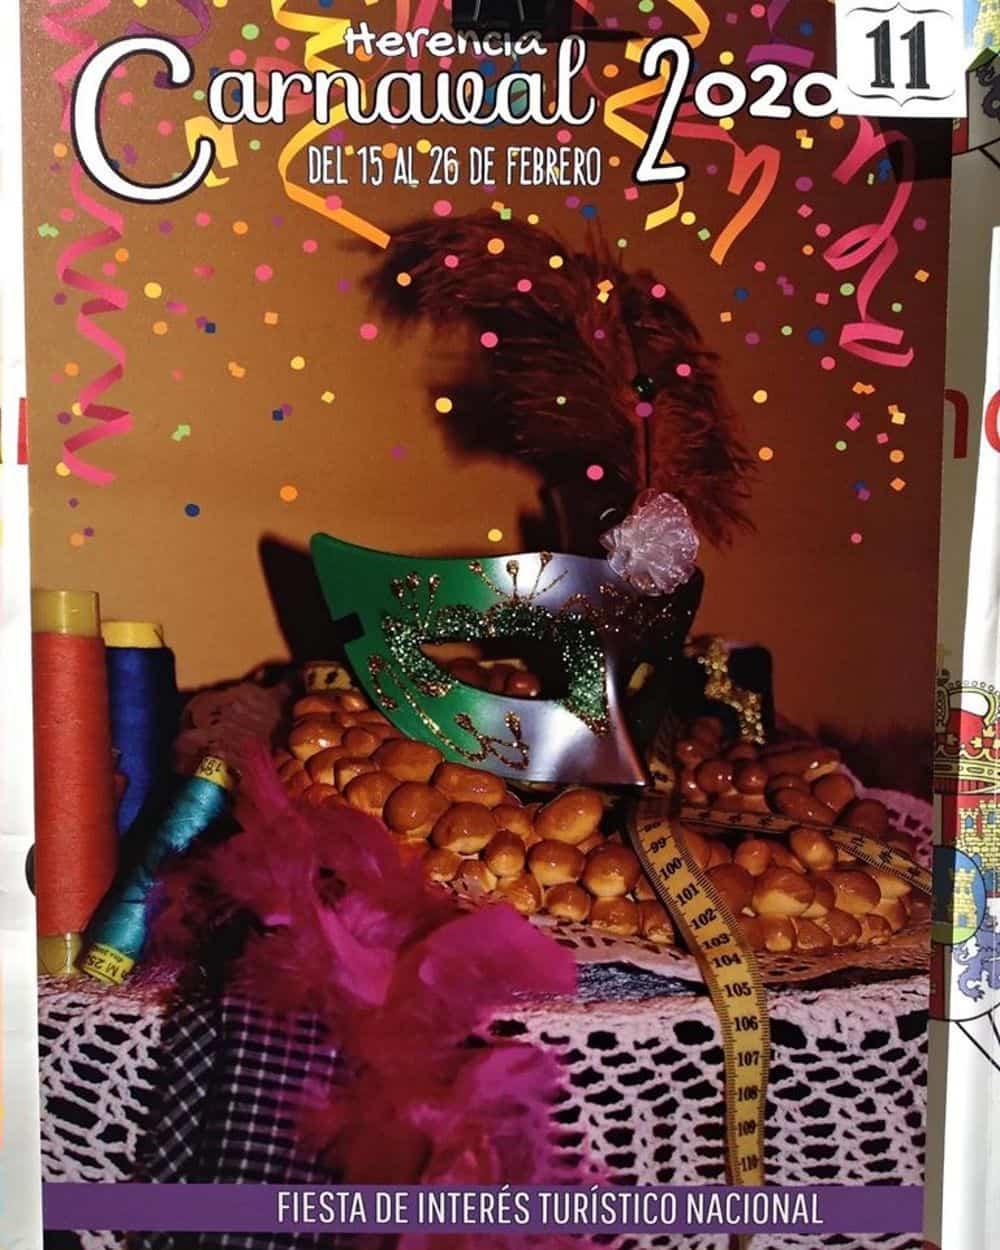 carteles carnaval 2020 herencia 2 - Conoce los carteles de Carnaval de Herencia 2020, ¿cuál te gusta más?